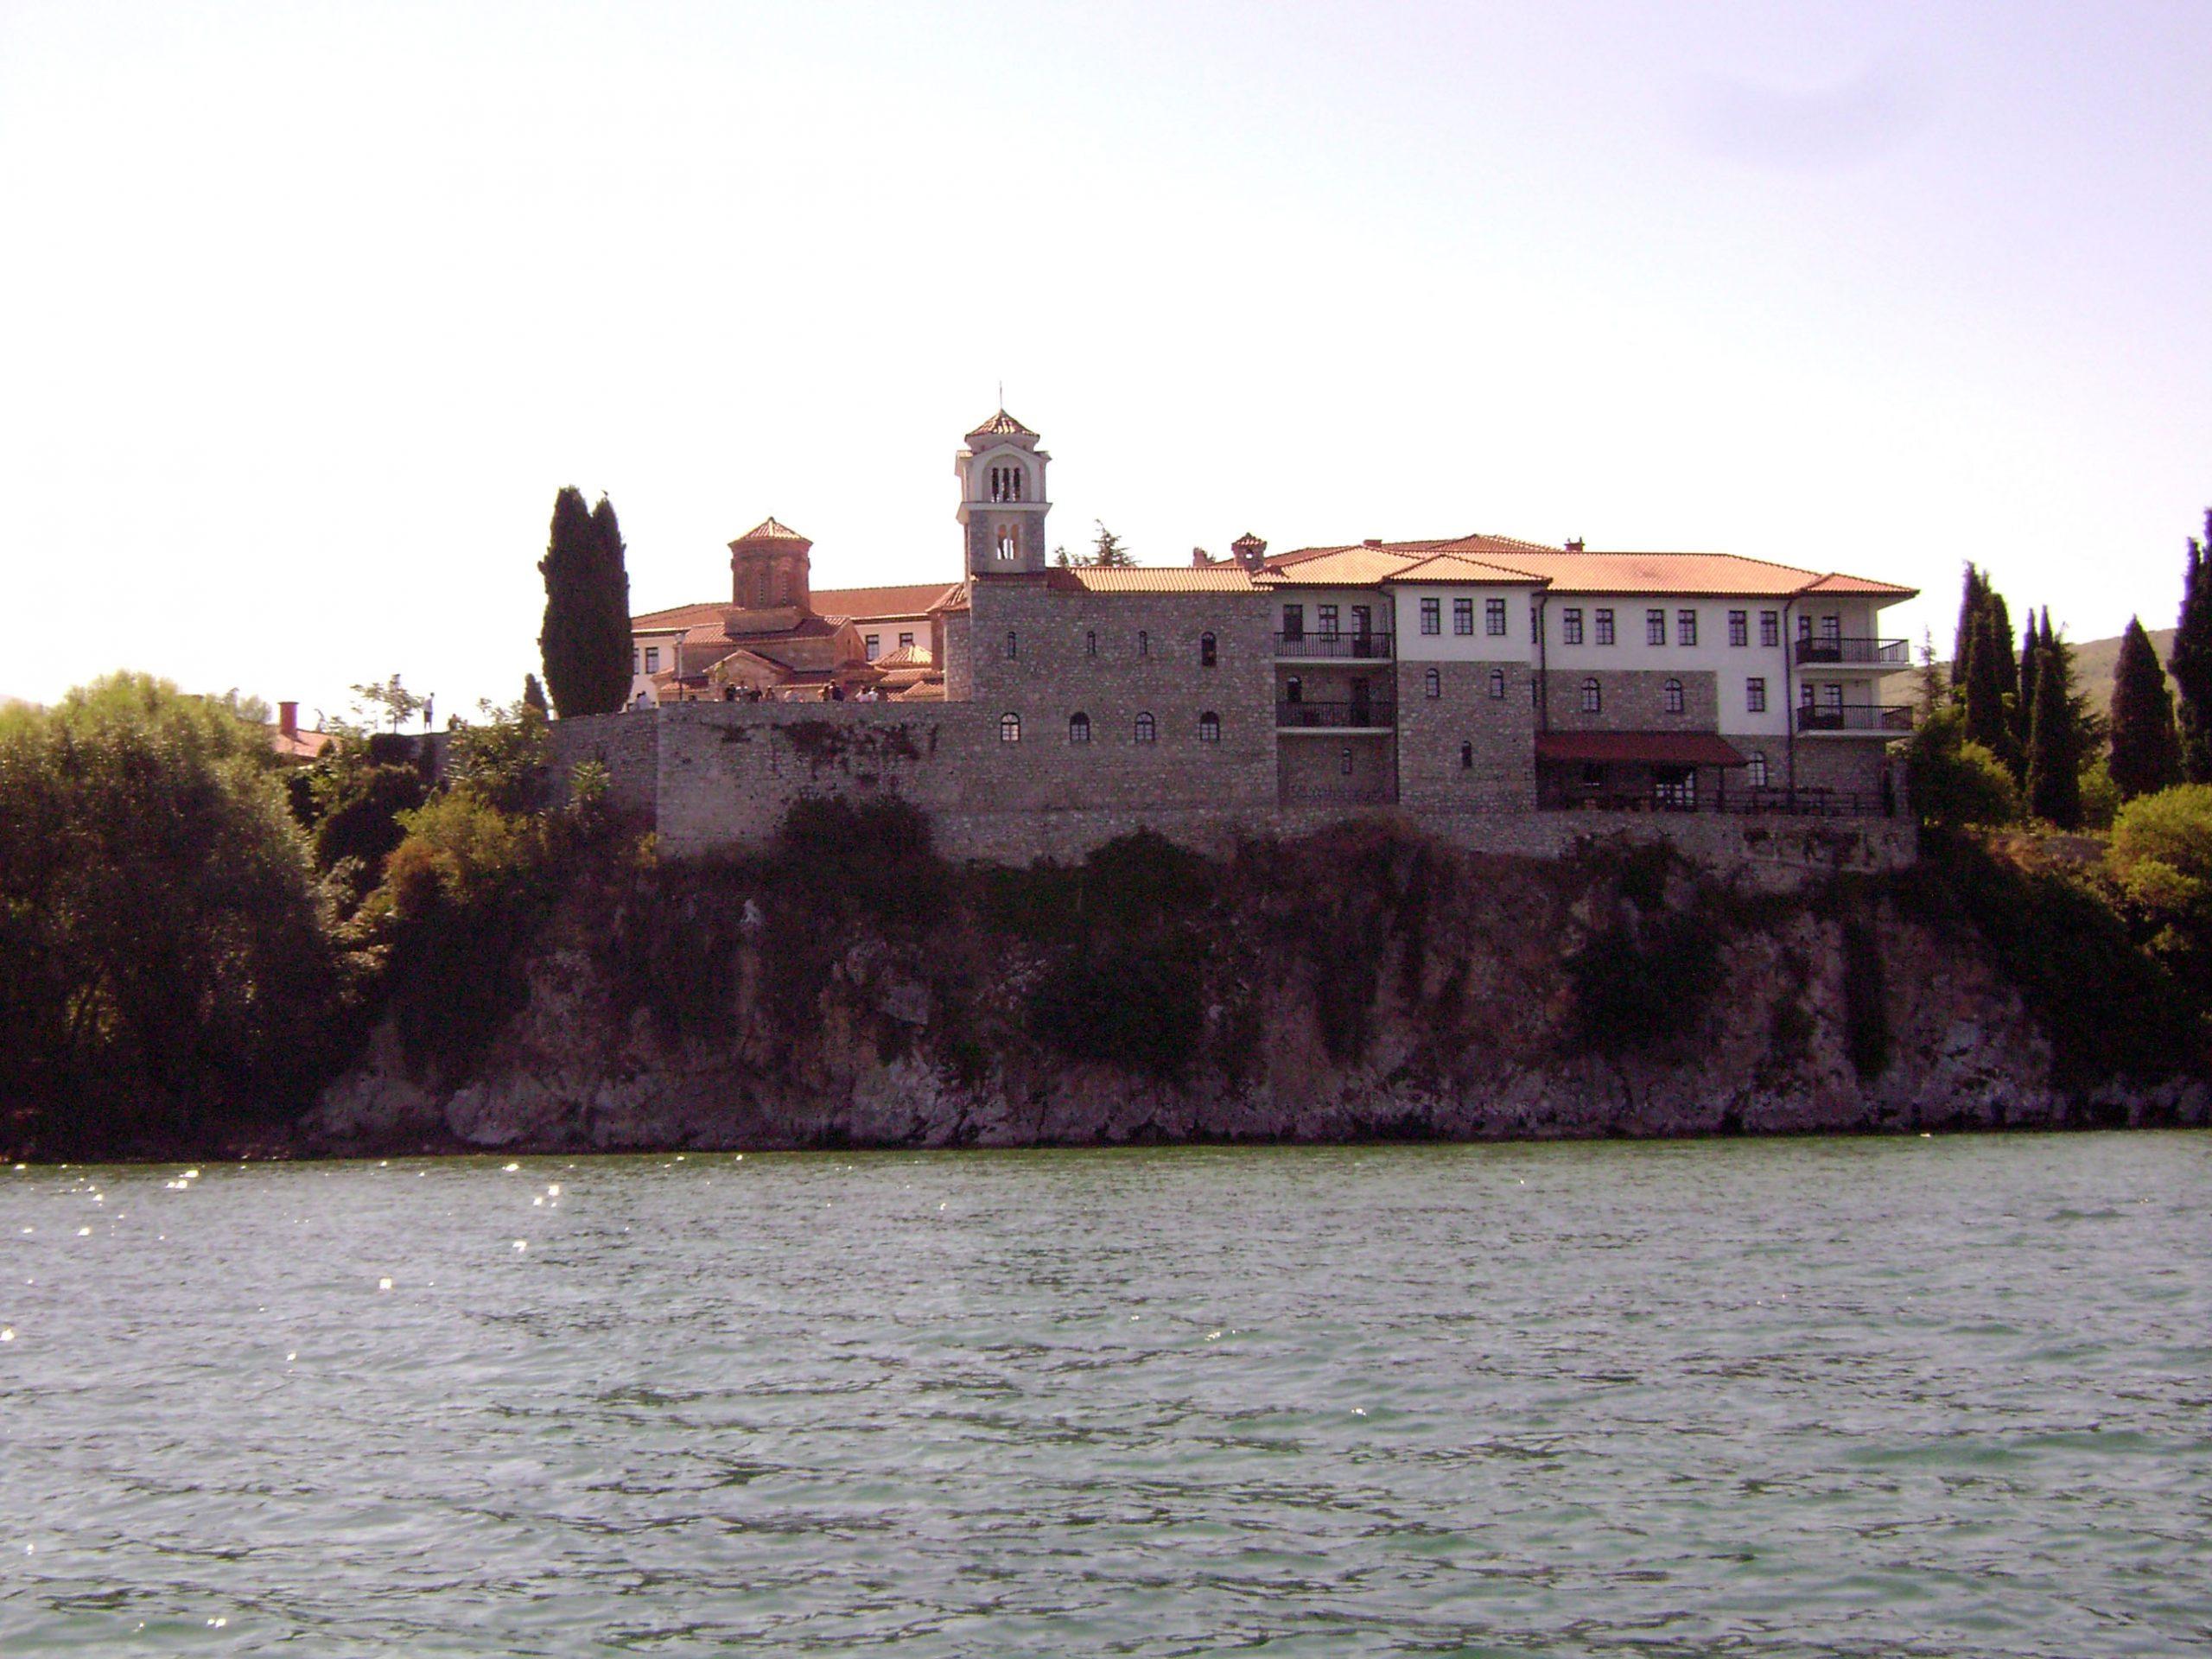 Makedonija_Ohrid_Sveti_Naum_Manastir_autobusom